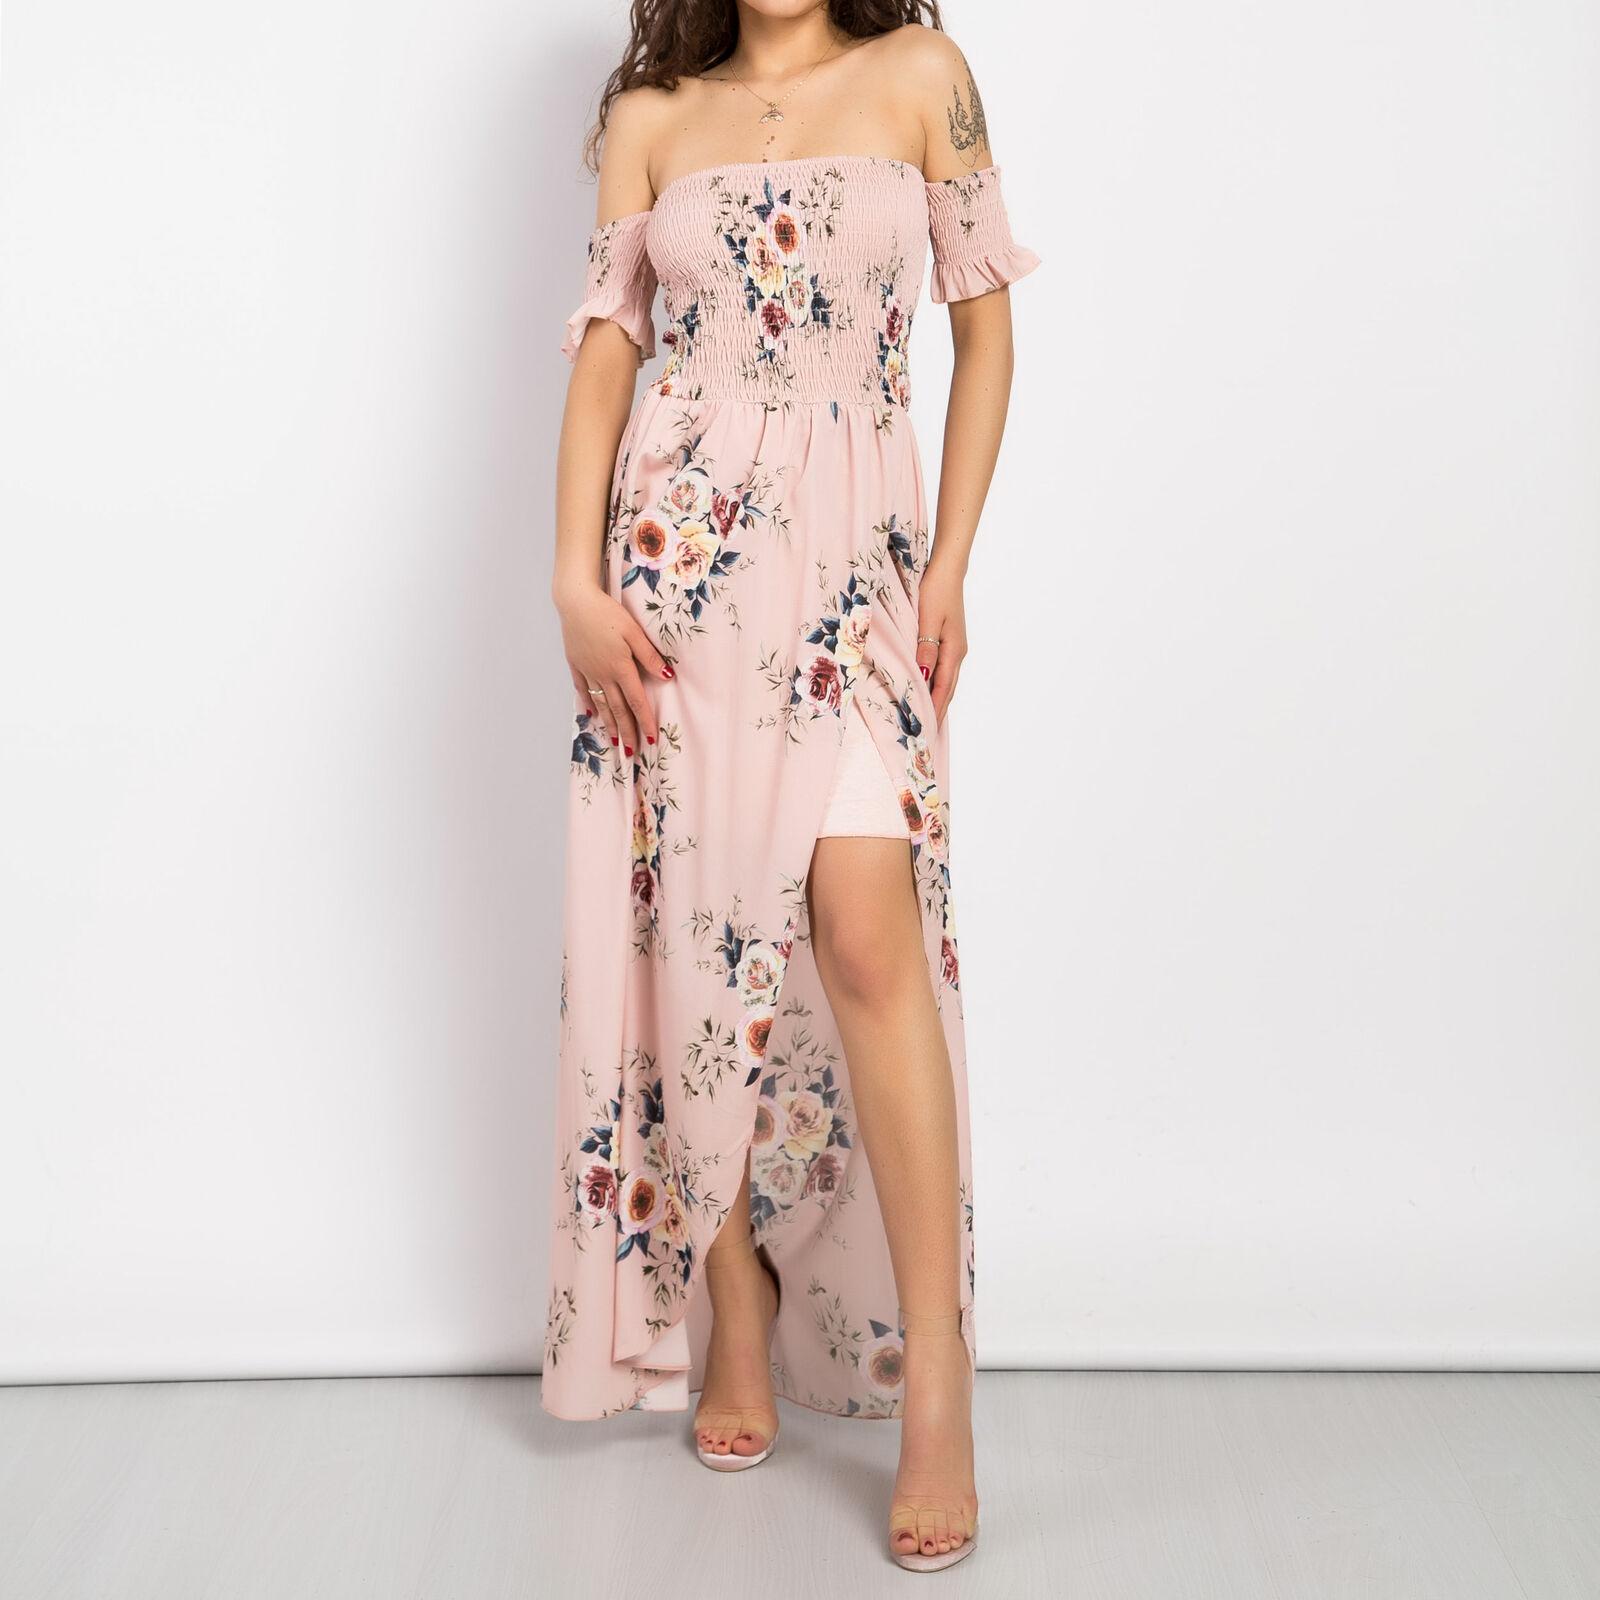 Vestito donna abito lungo fiori floreale spacco gonna svasata top scollato 10019